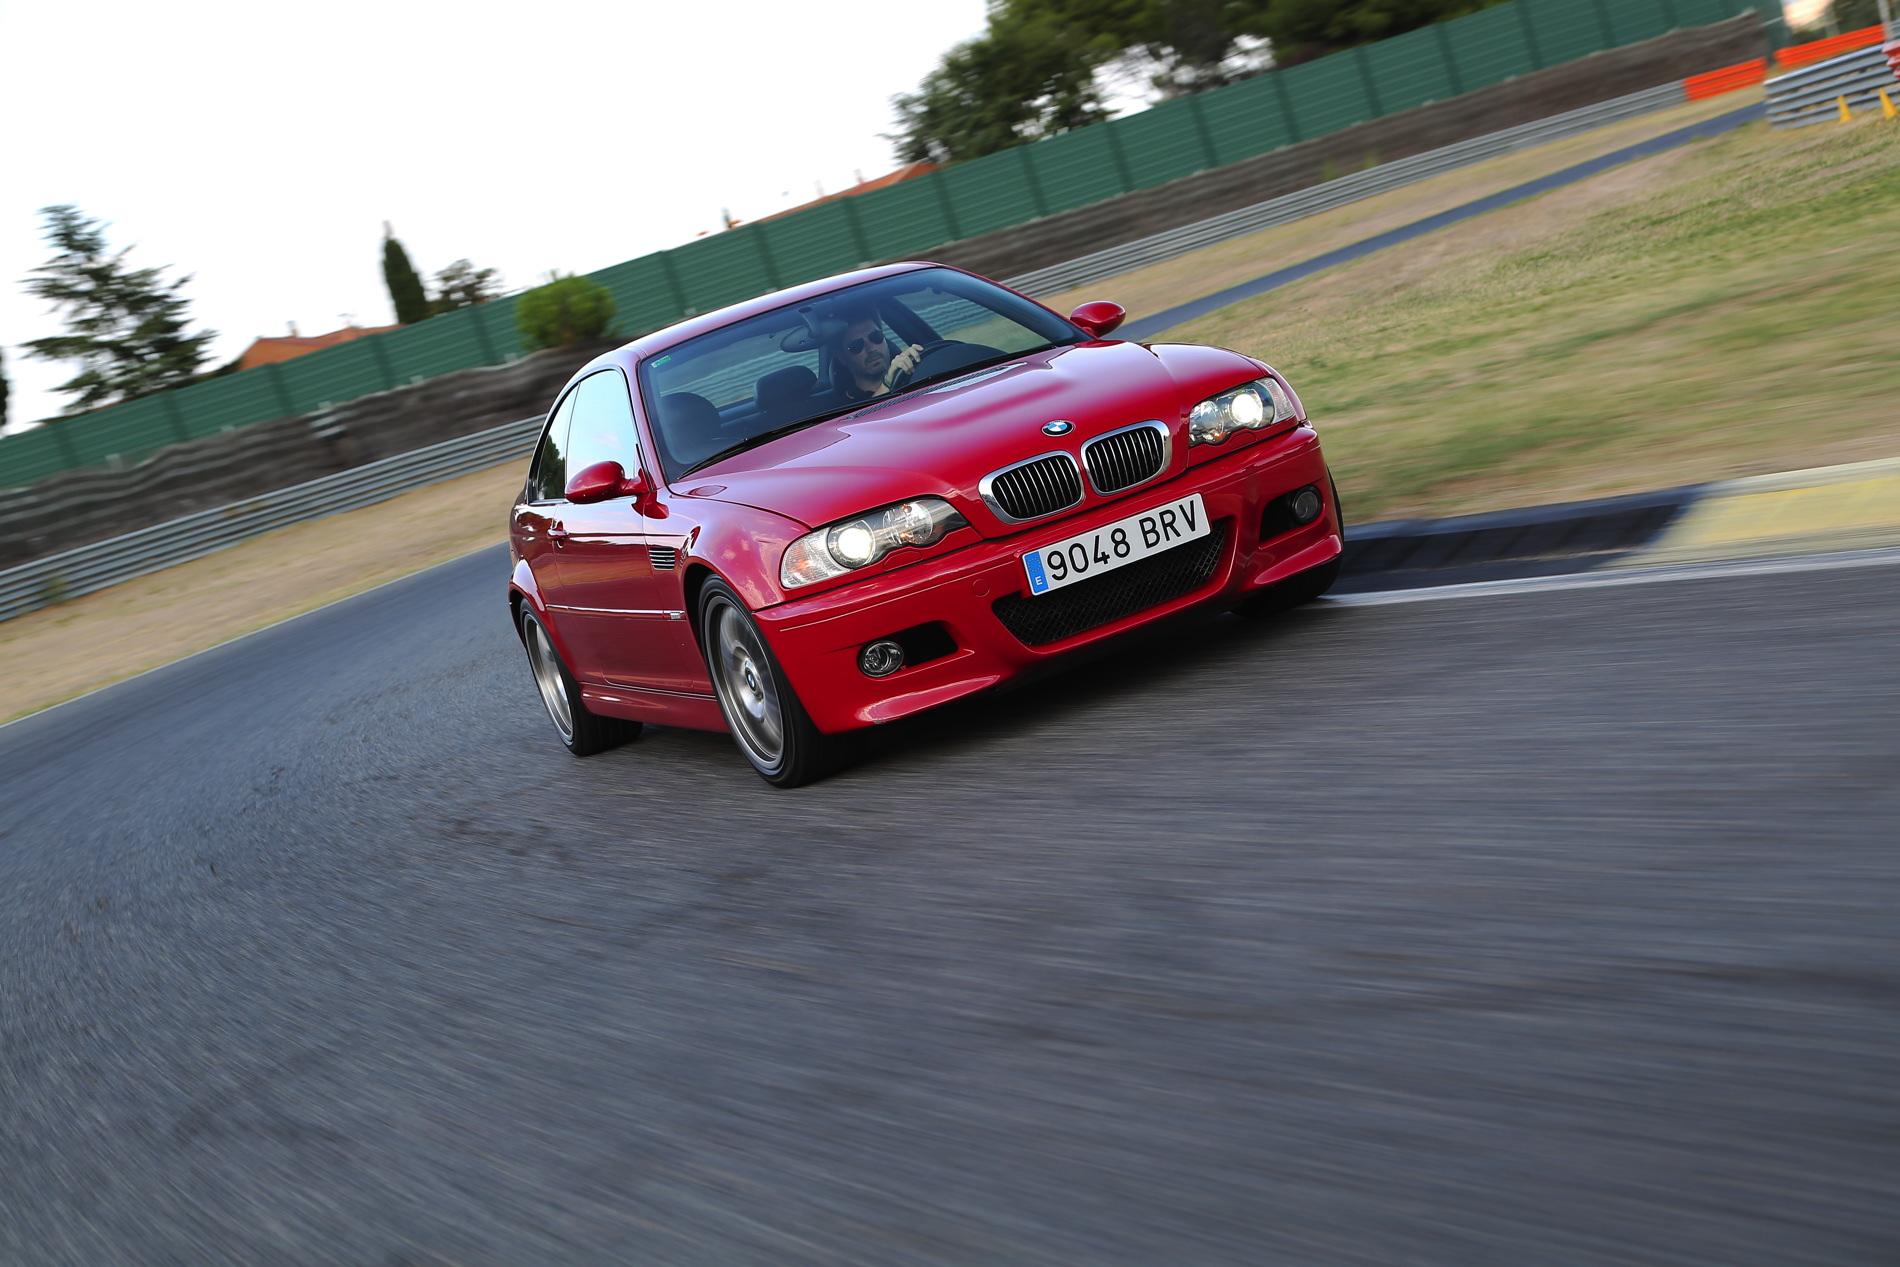 BMW M3 E46 track images 4